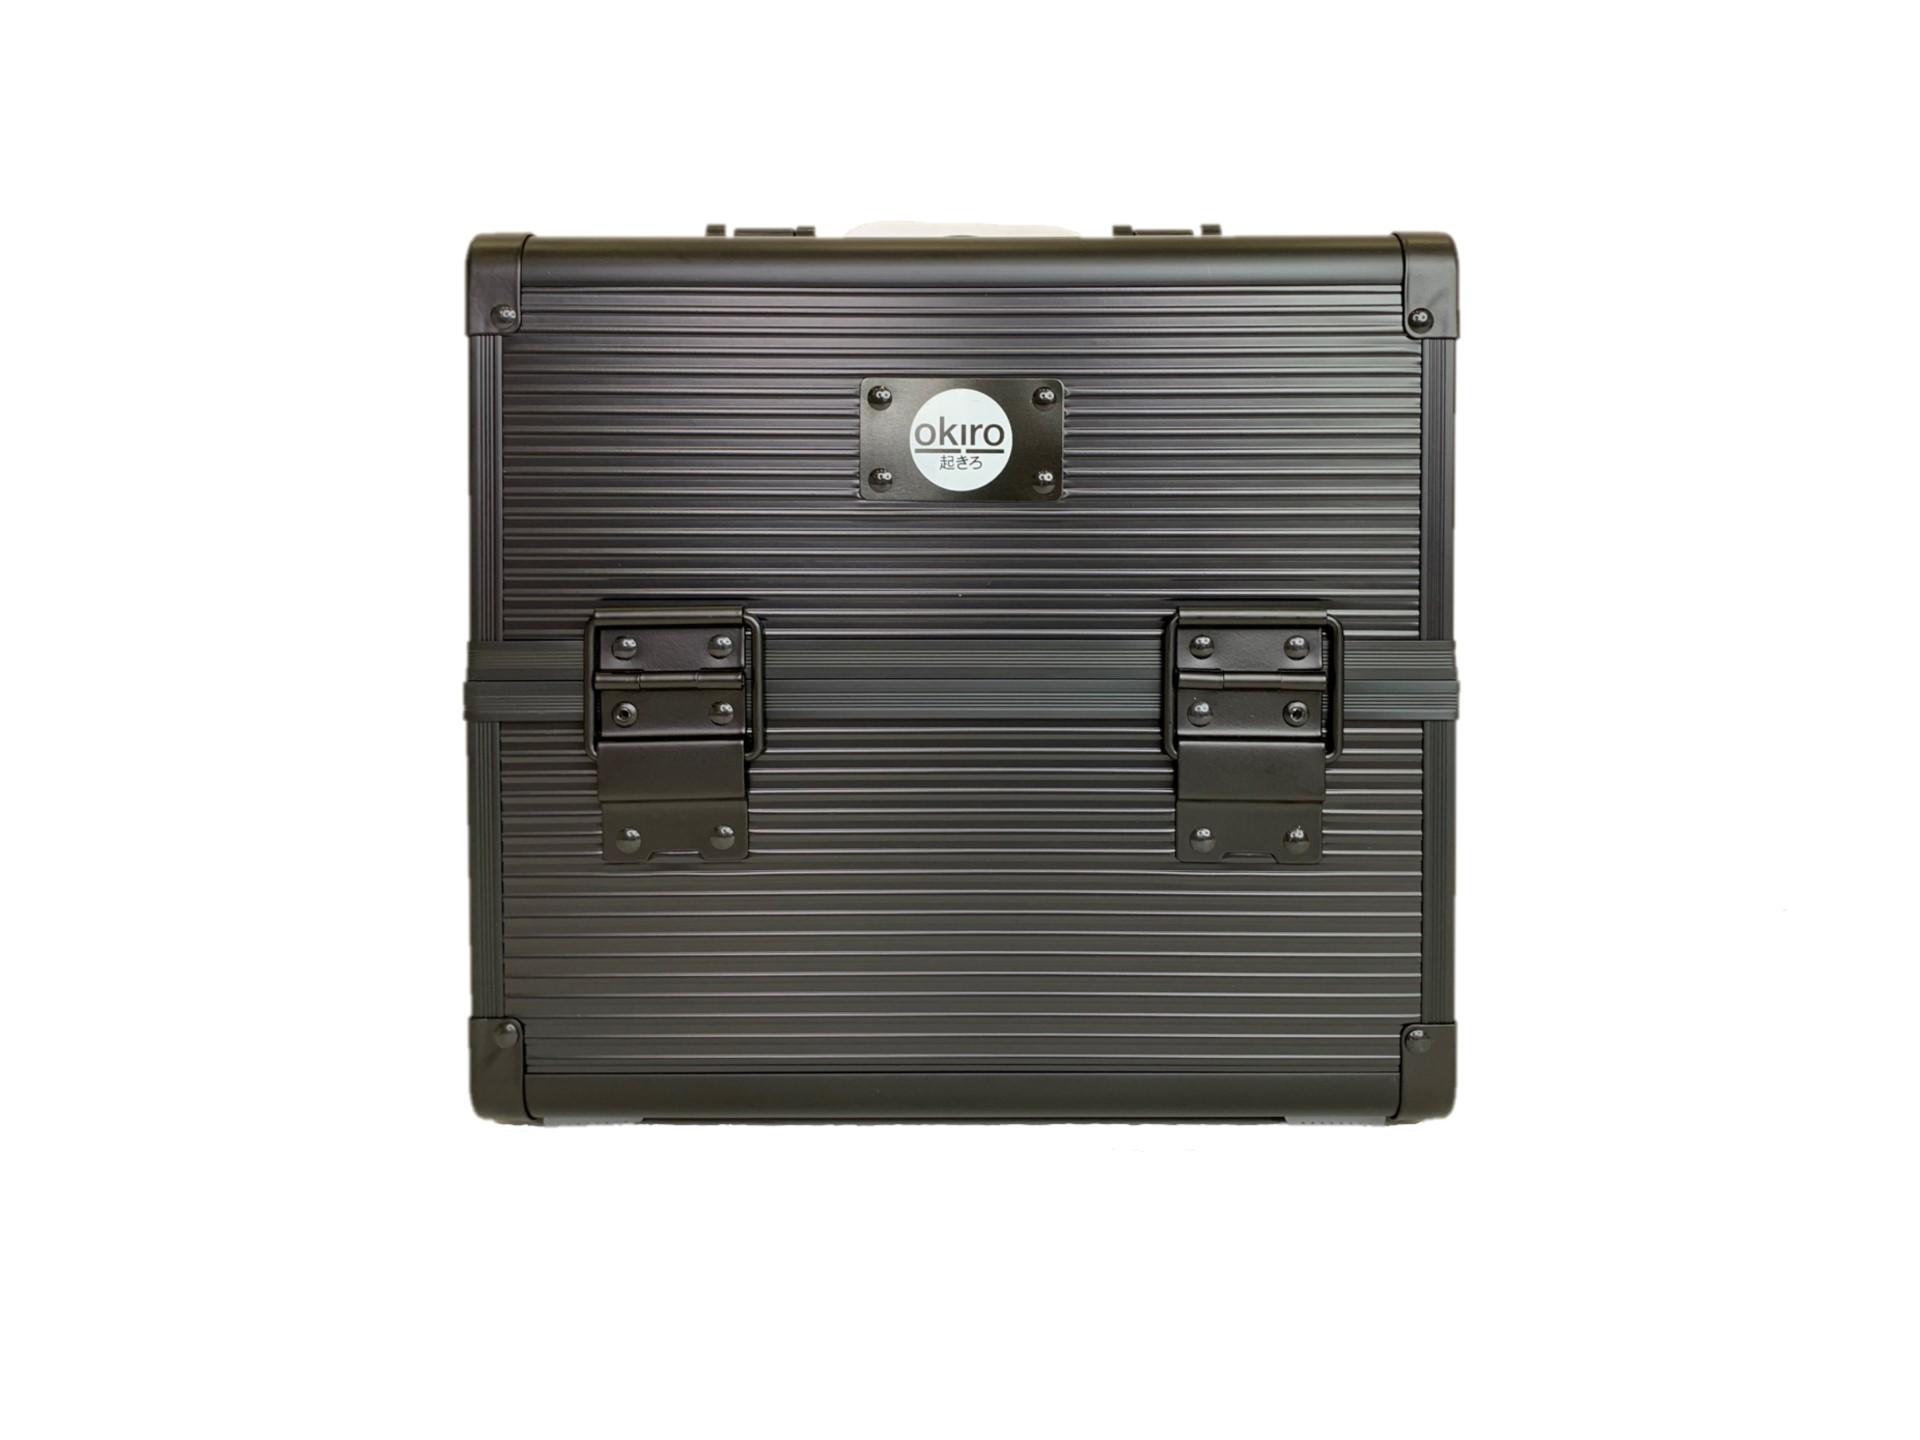 Бьюти кейс для визажиста OKIRO CWB 5350 черный в полоску - изображение